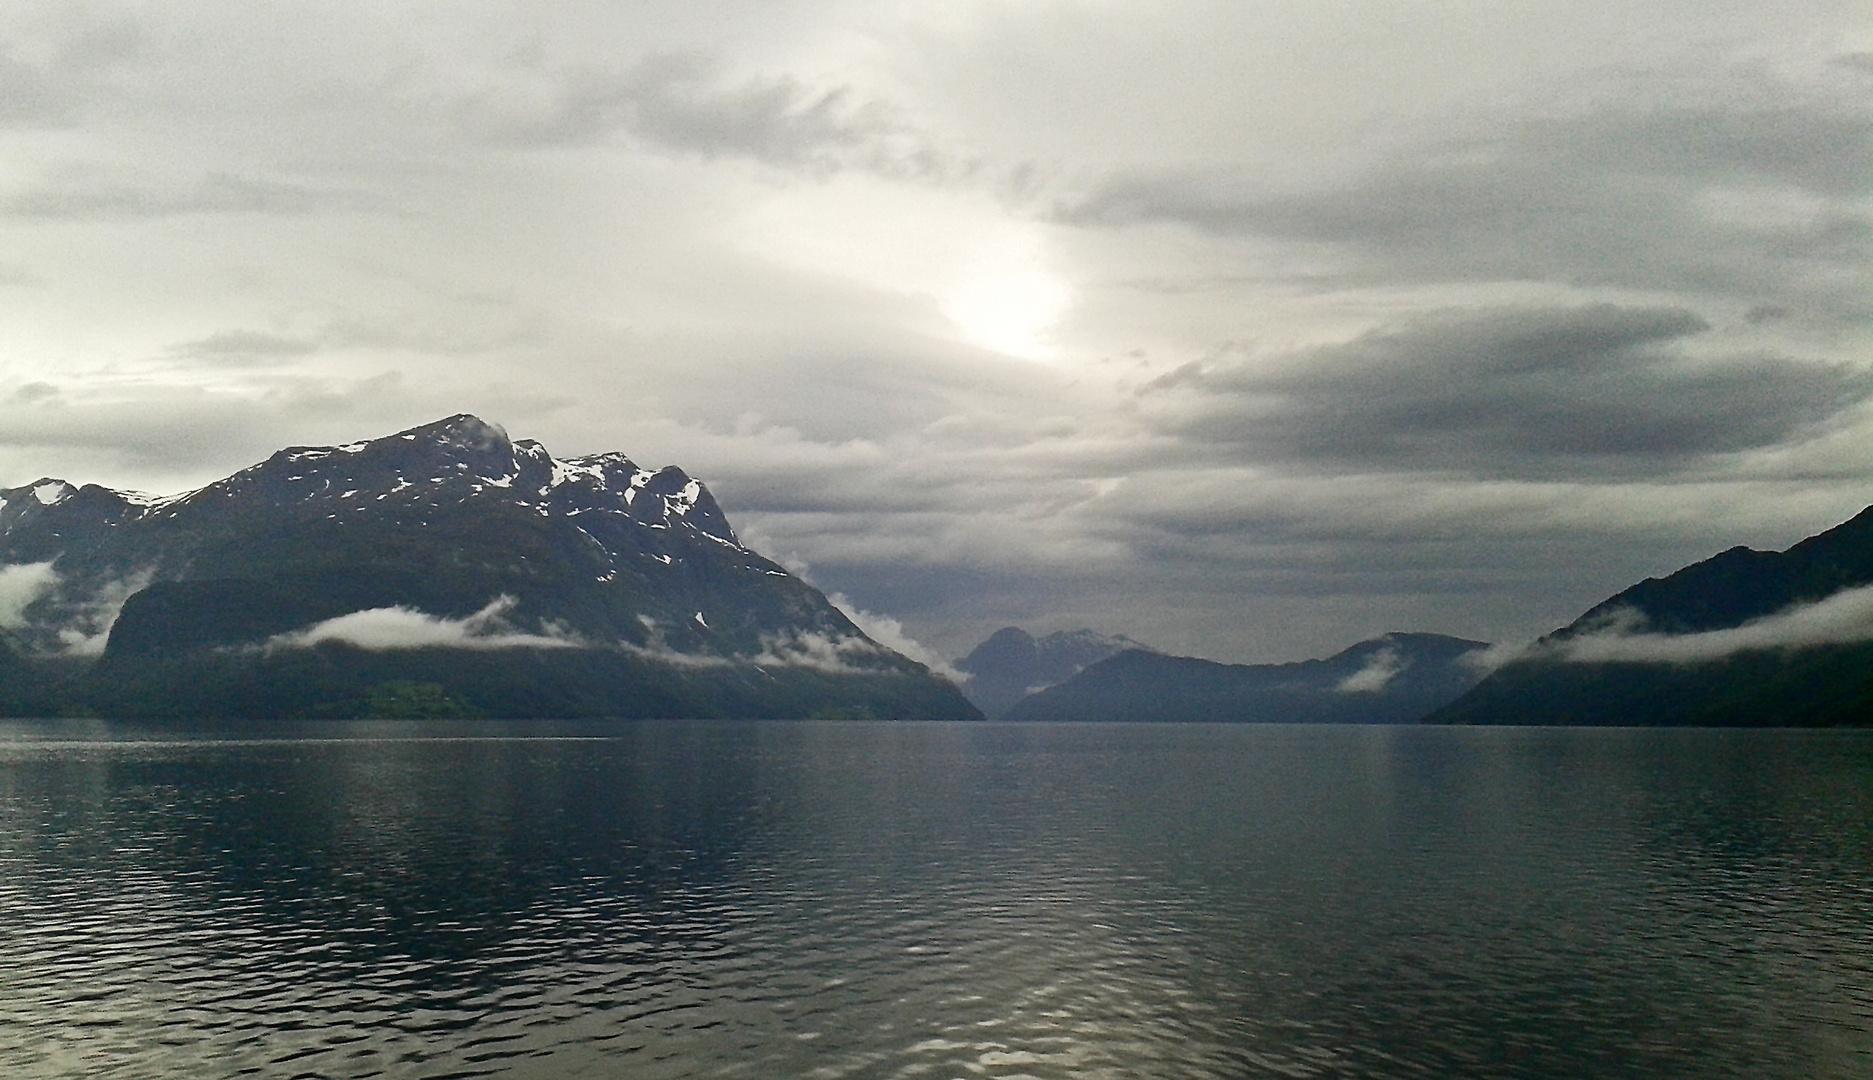 Lote / Nordfjord